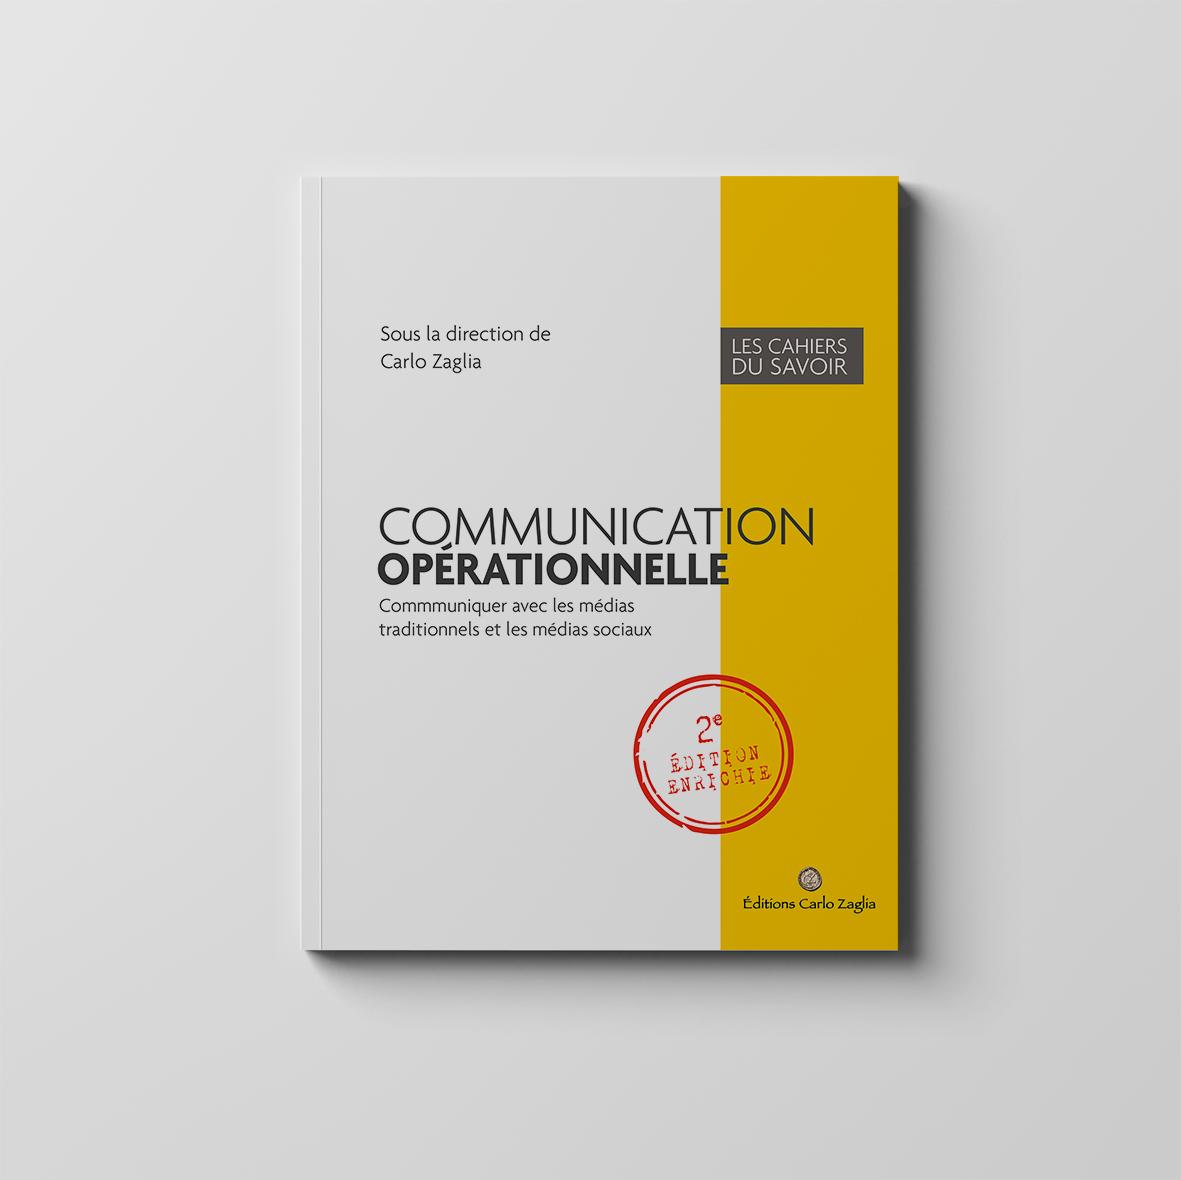 Communication opérationnelle